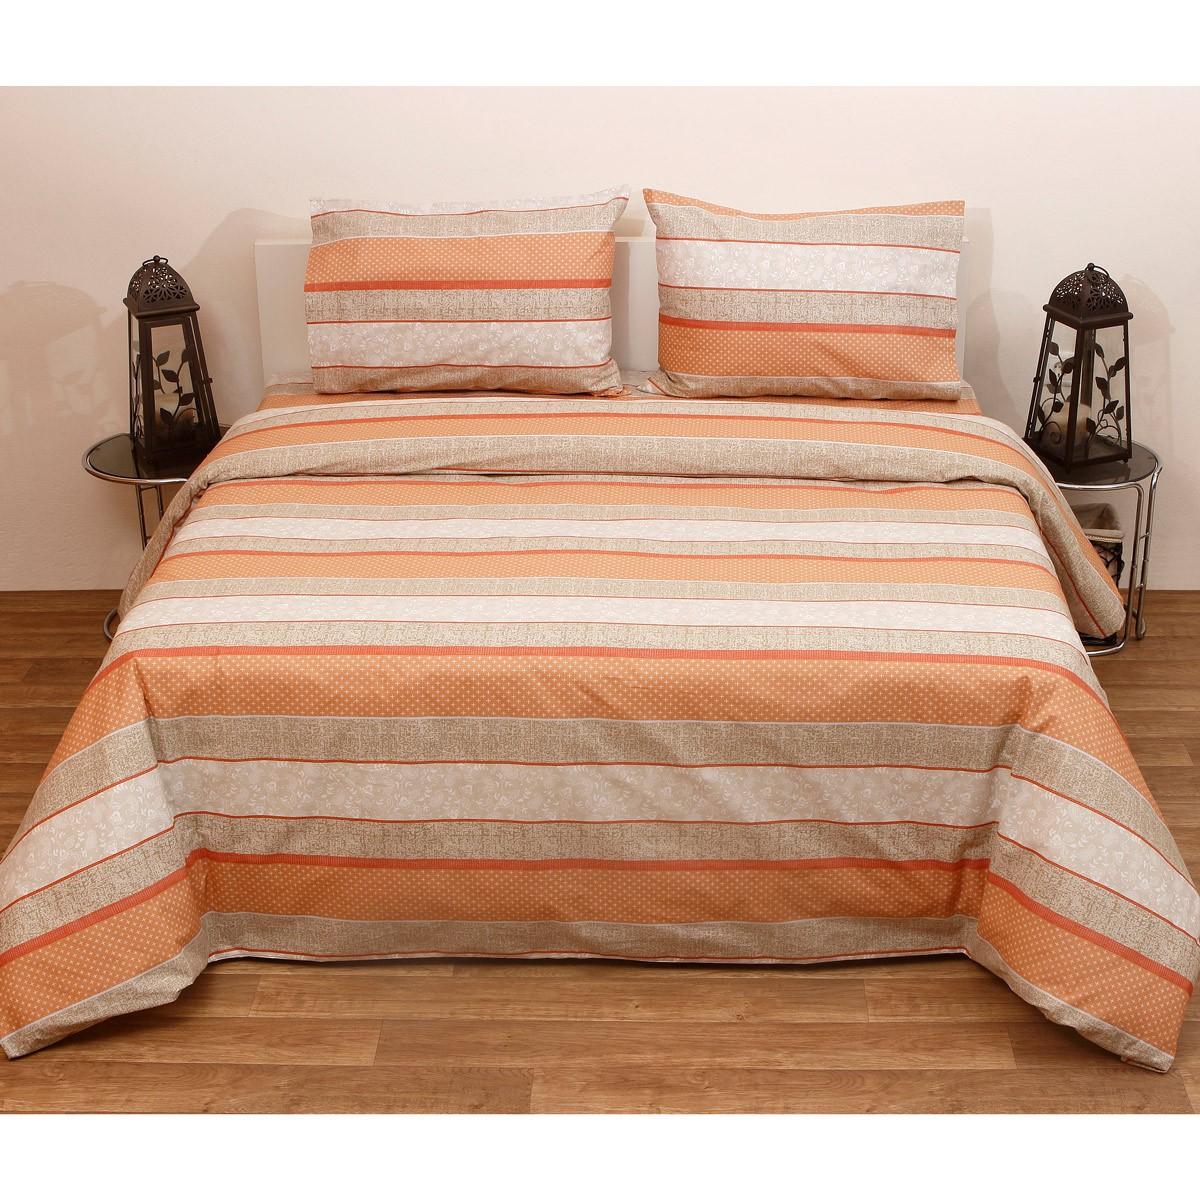 Πάπλωμα Ημίδιπλο (Σετ) Viopros Fresh Ιρέν Τερρακότα home   κρεβατοκάμαρα   παπλώματα   παπλώματα ημίδιπλα   διπλά